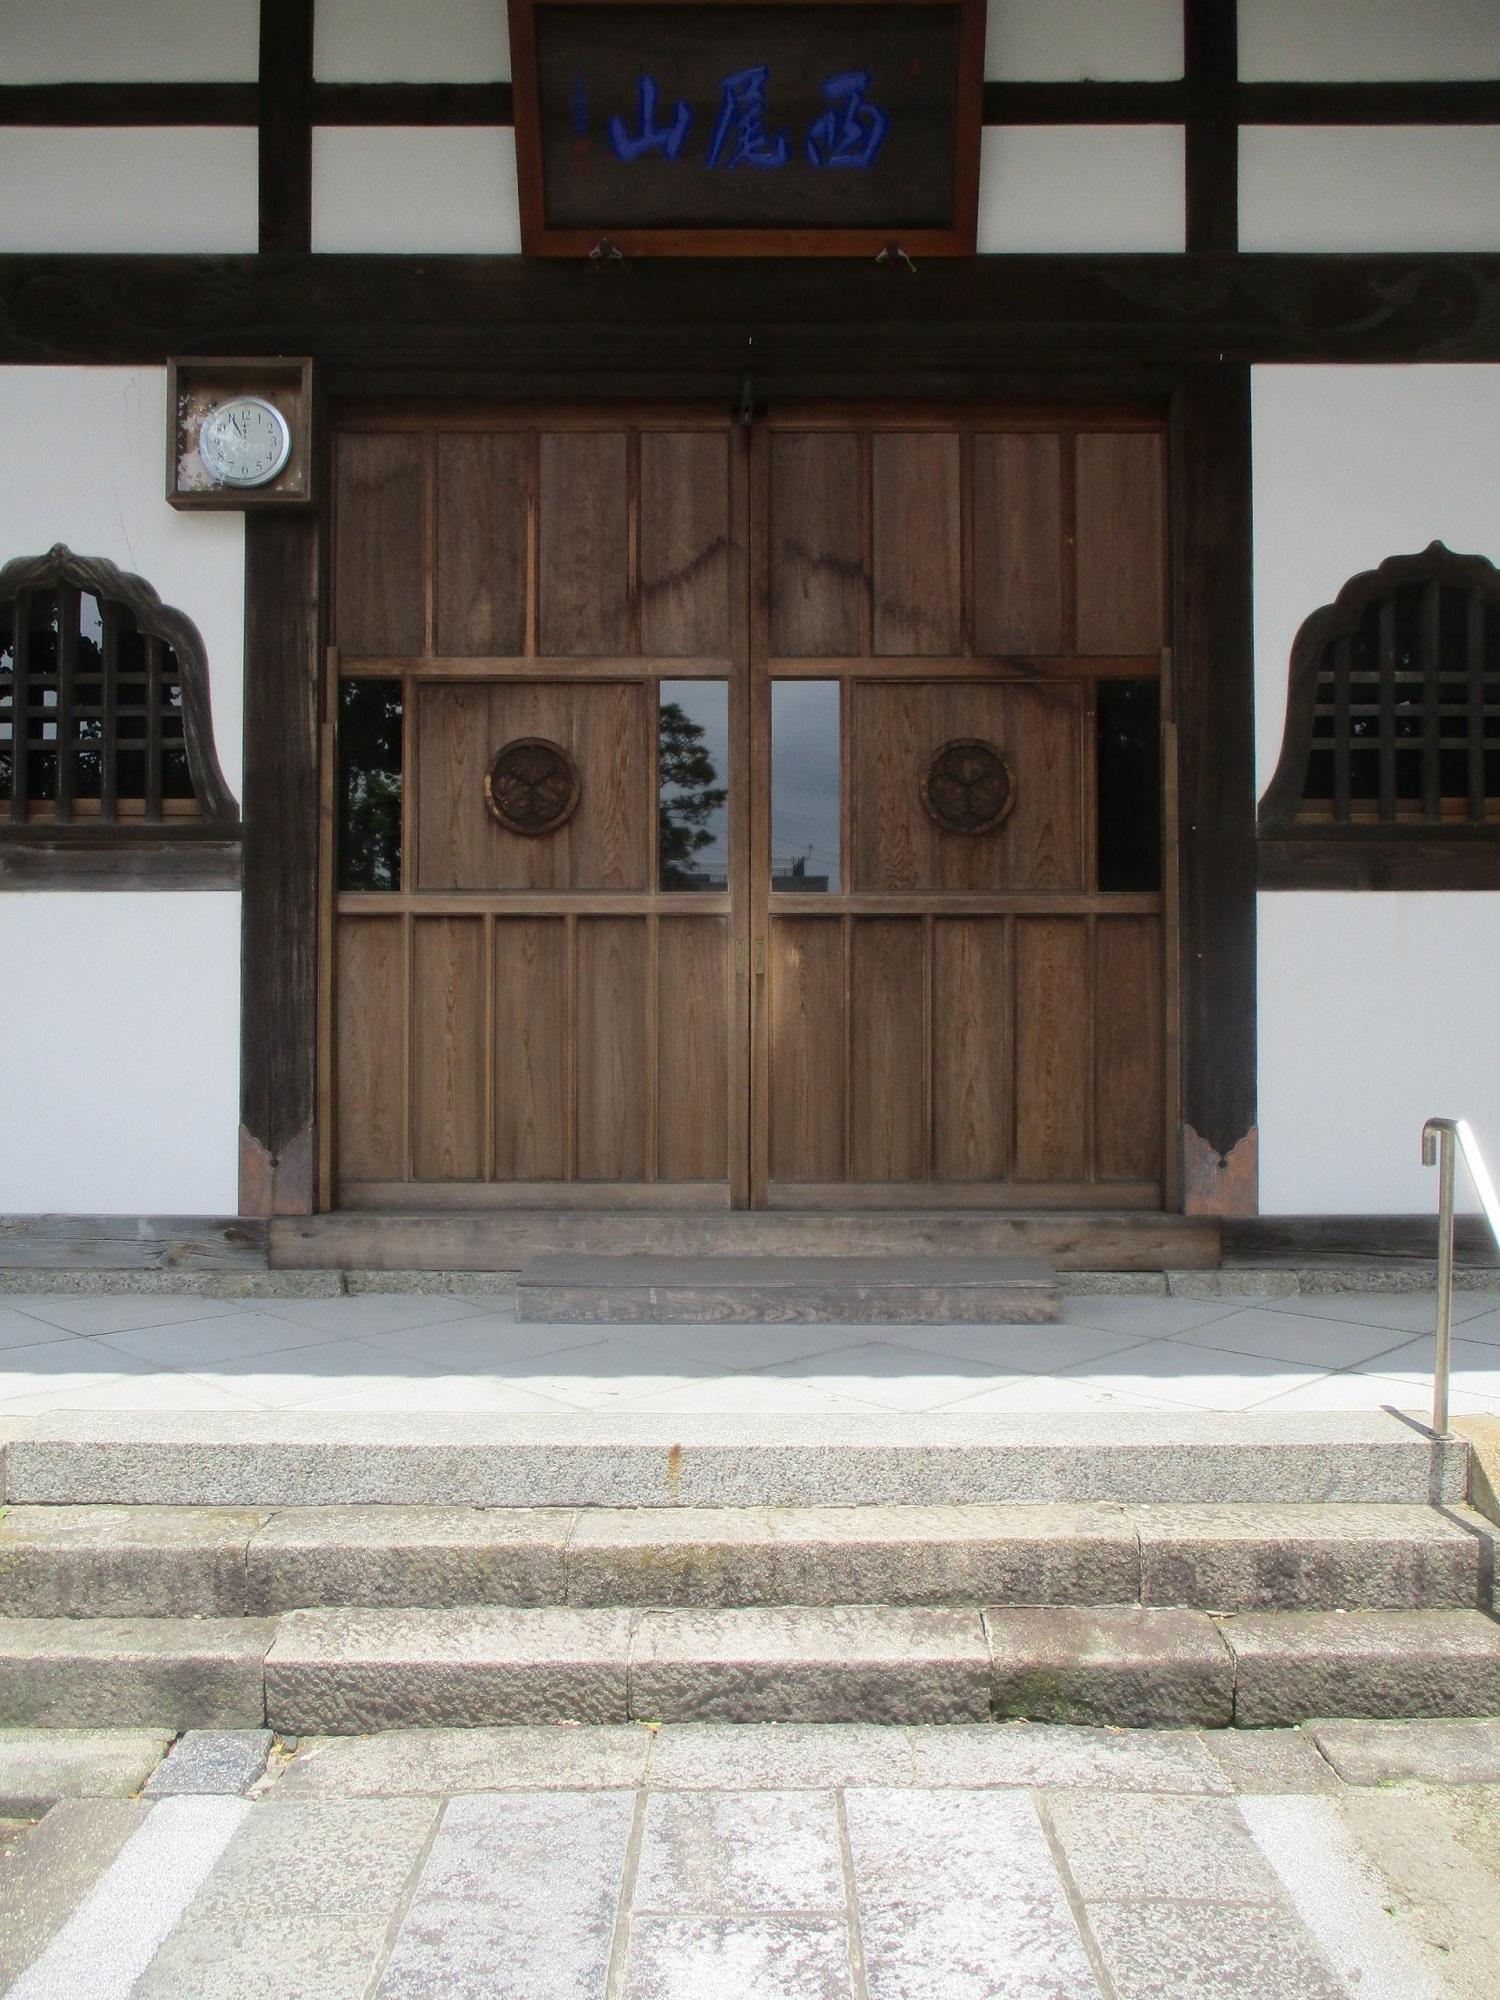 2020.5.21 (12) 康全寺 - 本堂いりぐち 1500-2000